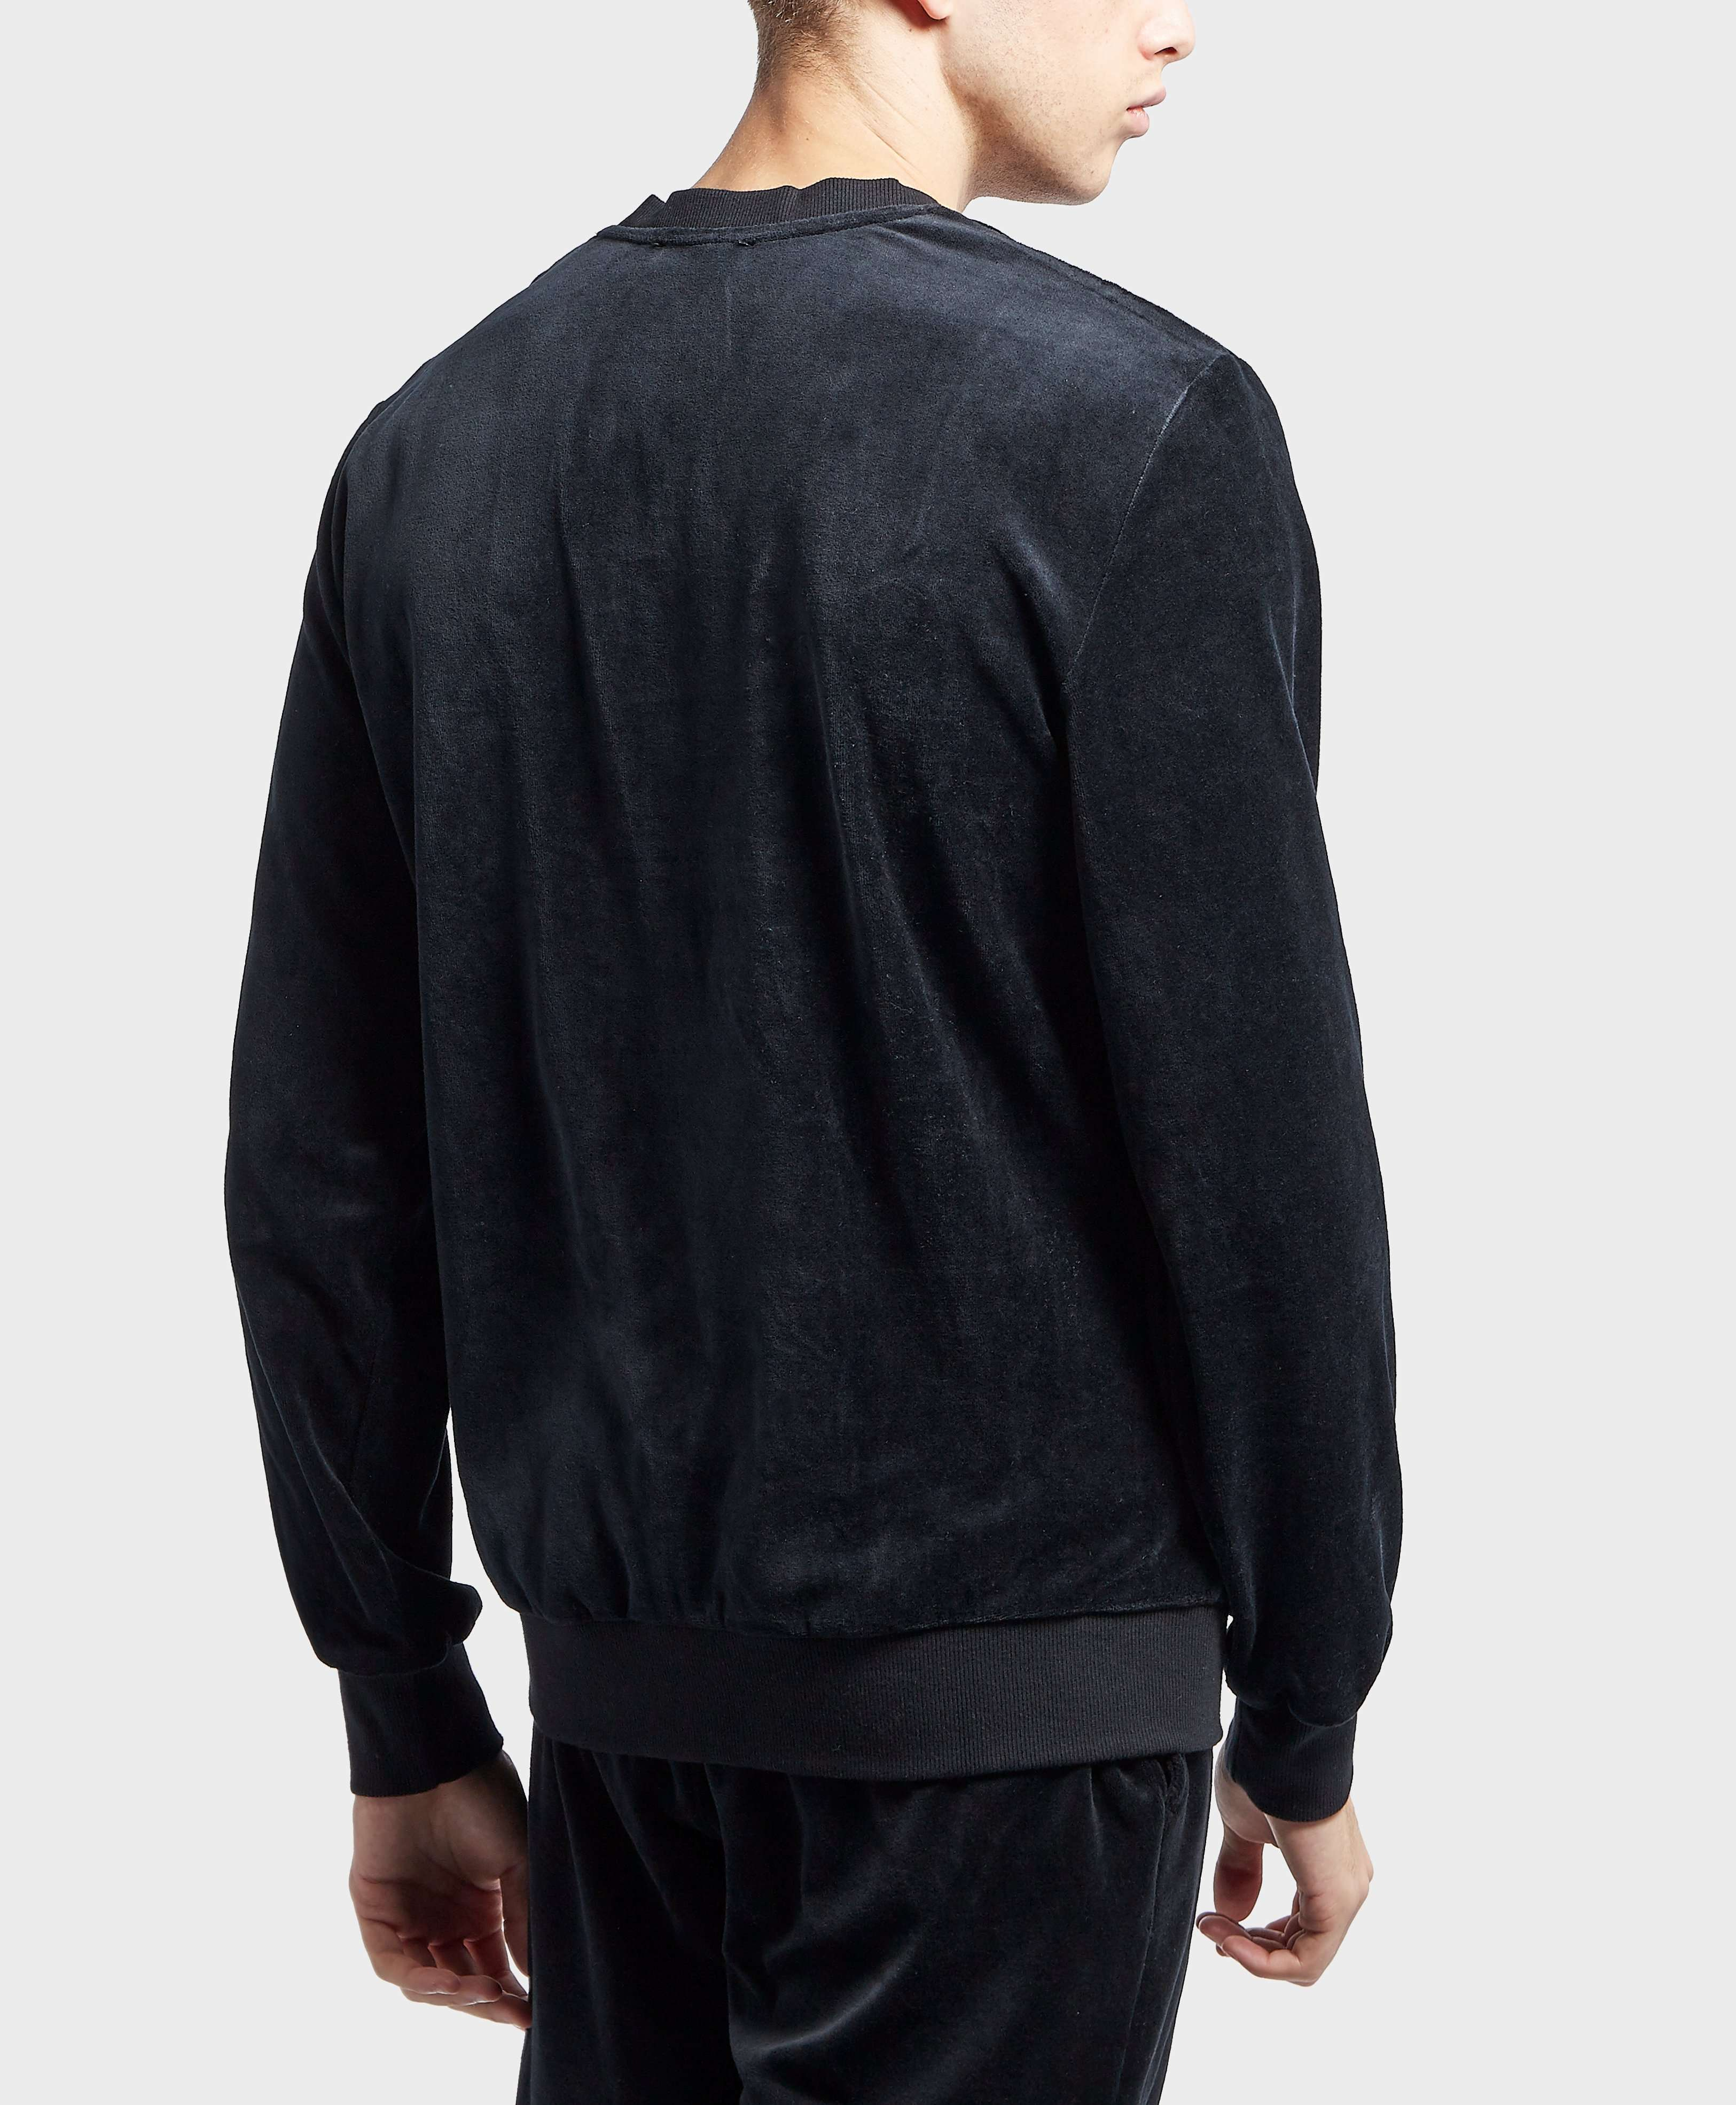 Emporio Armani Velour Crew Neck Sweatshirt